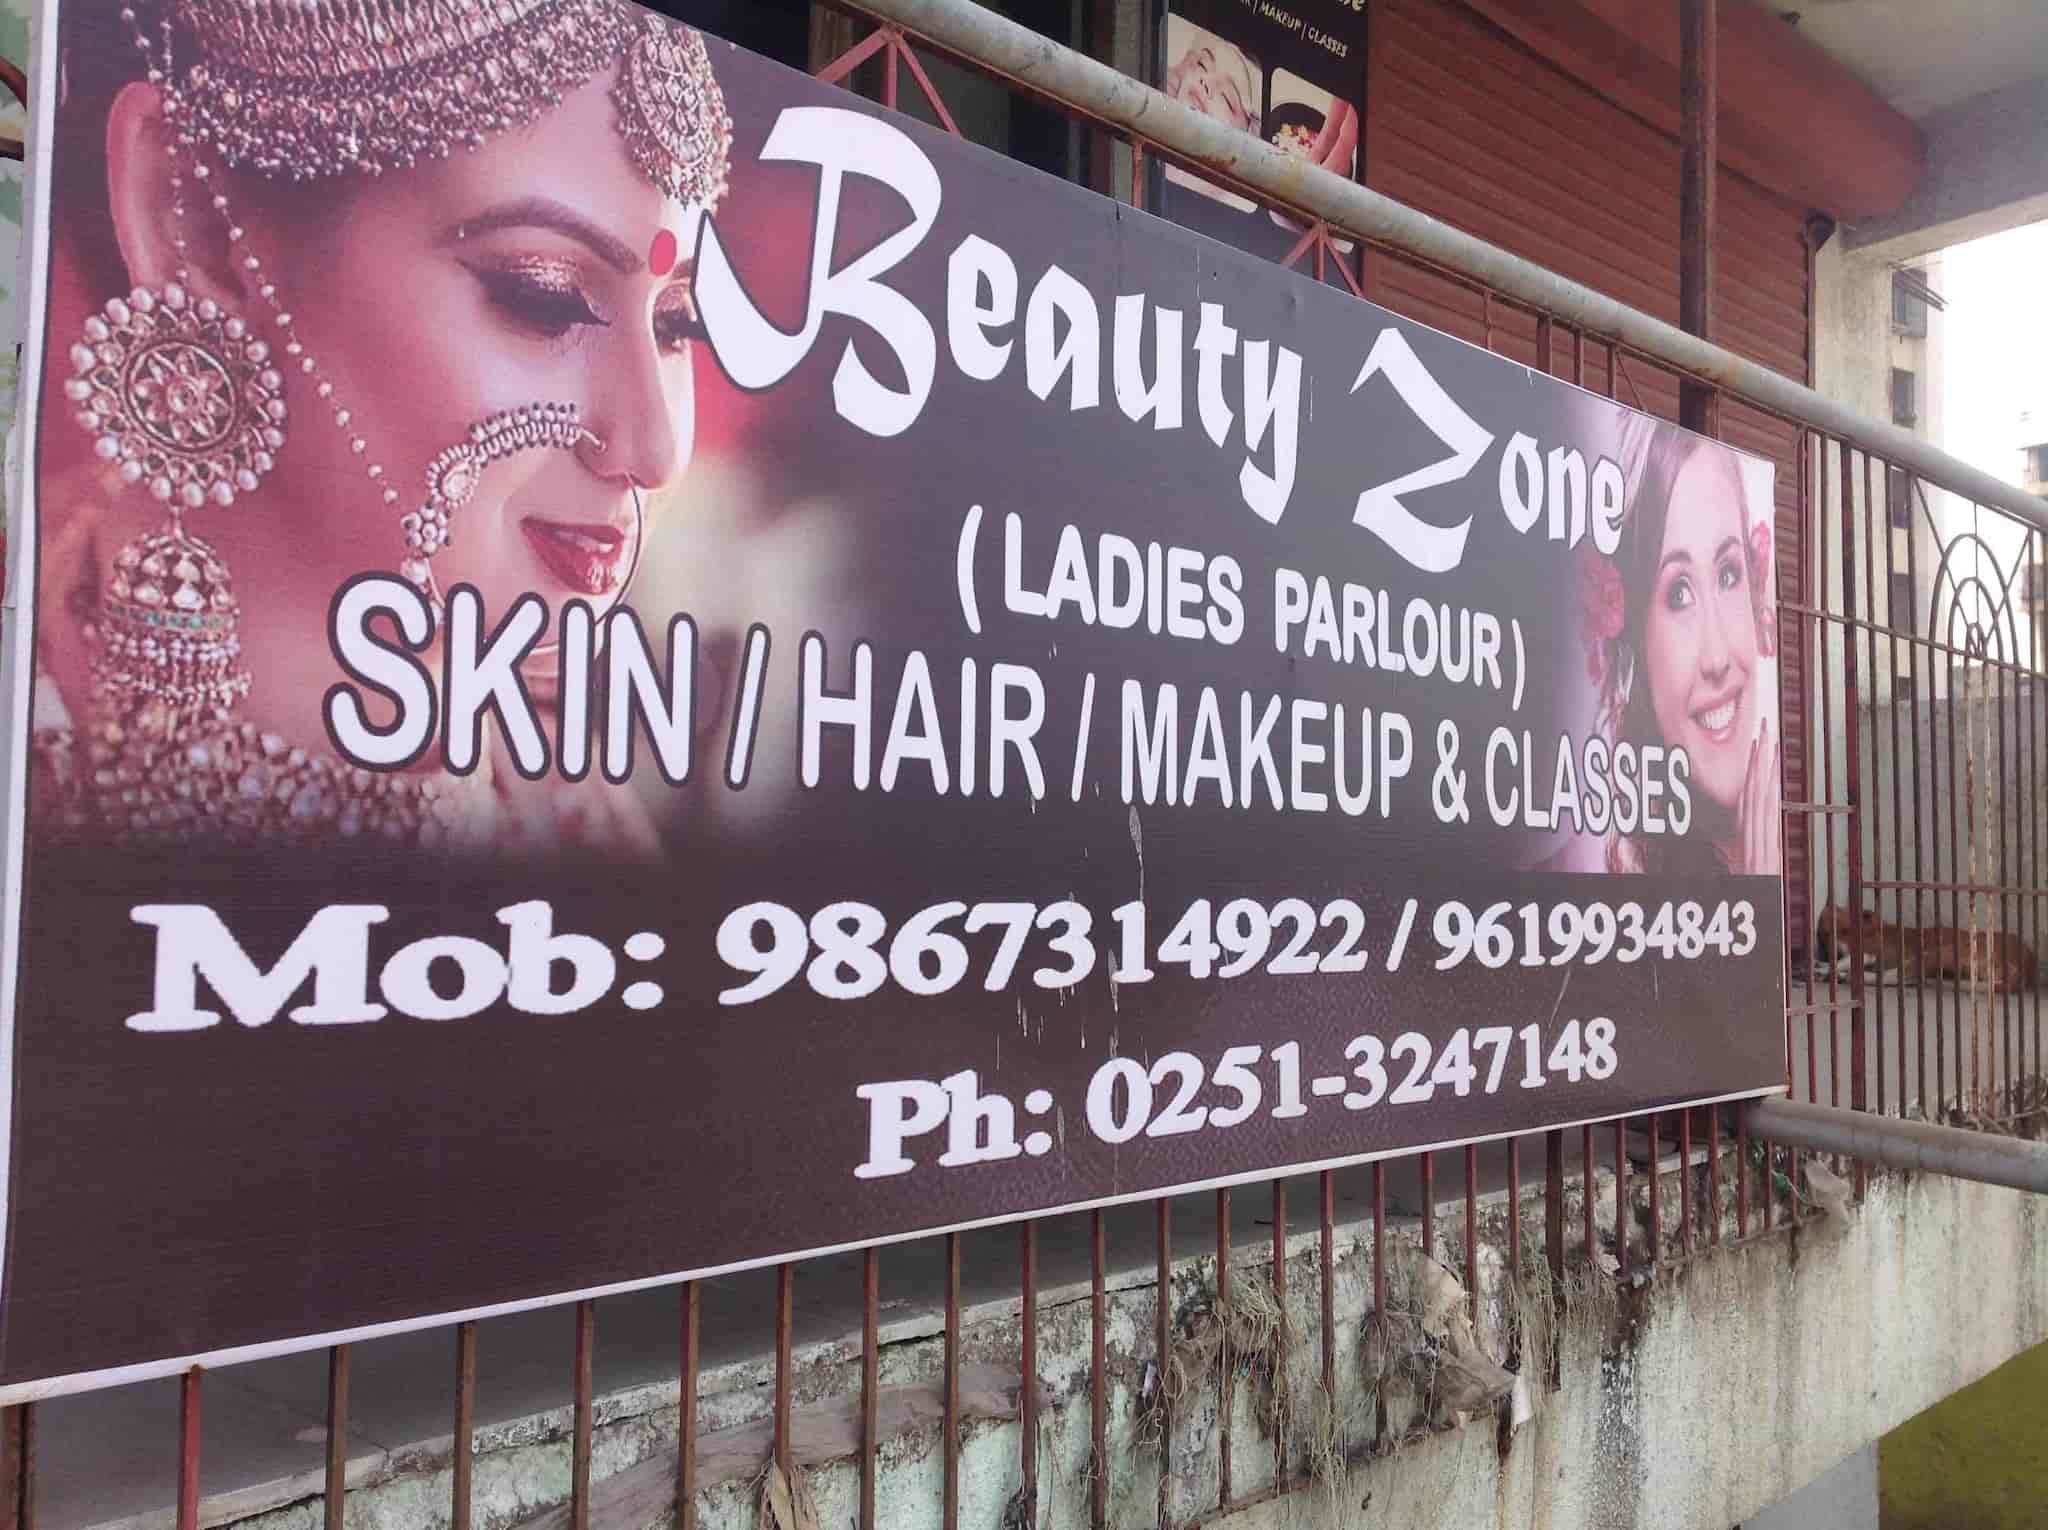 Beauty Zone Photos, Kalyan, Mumbai- Pictures & Images